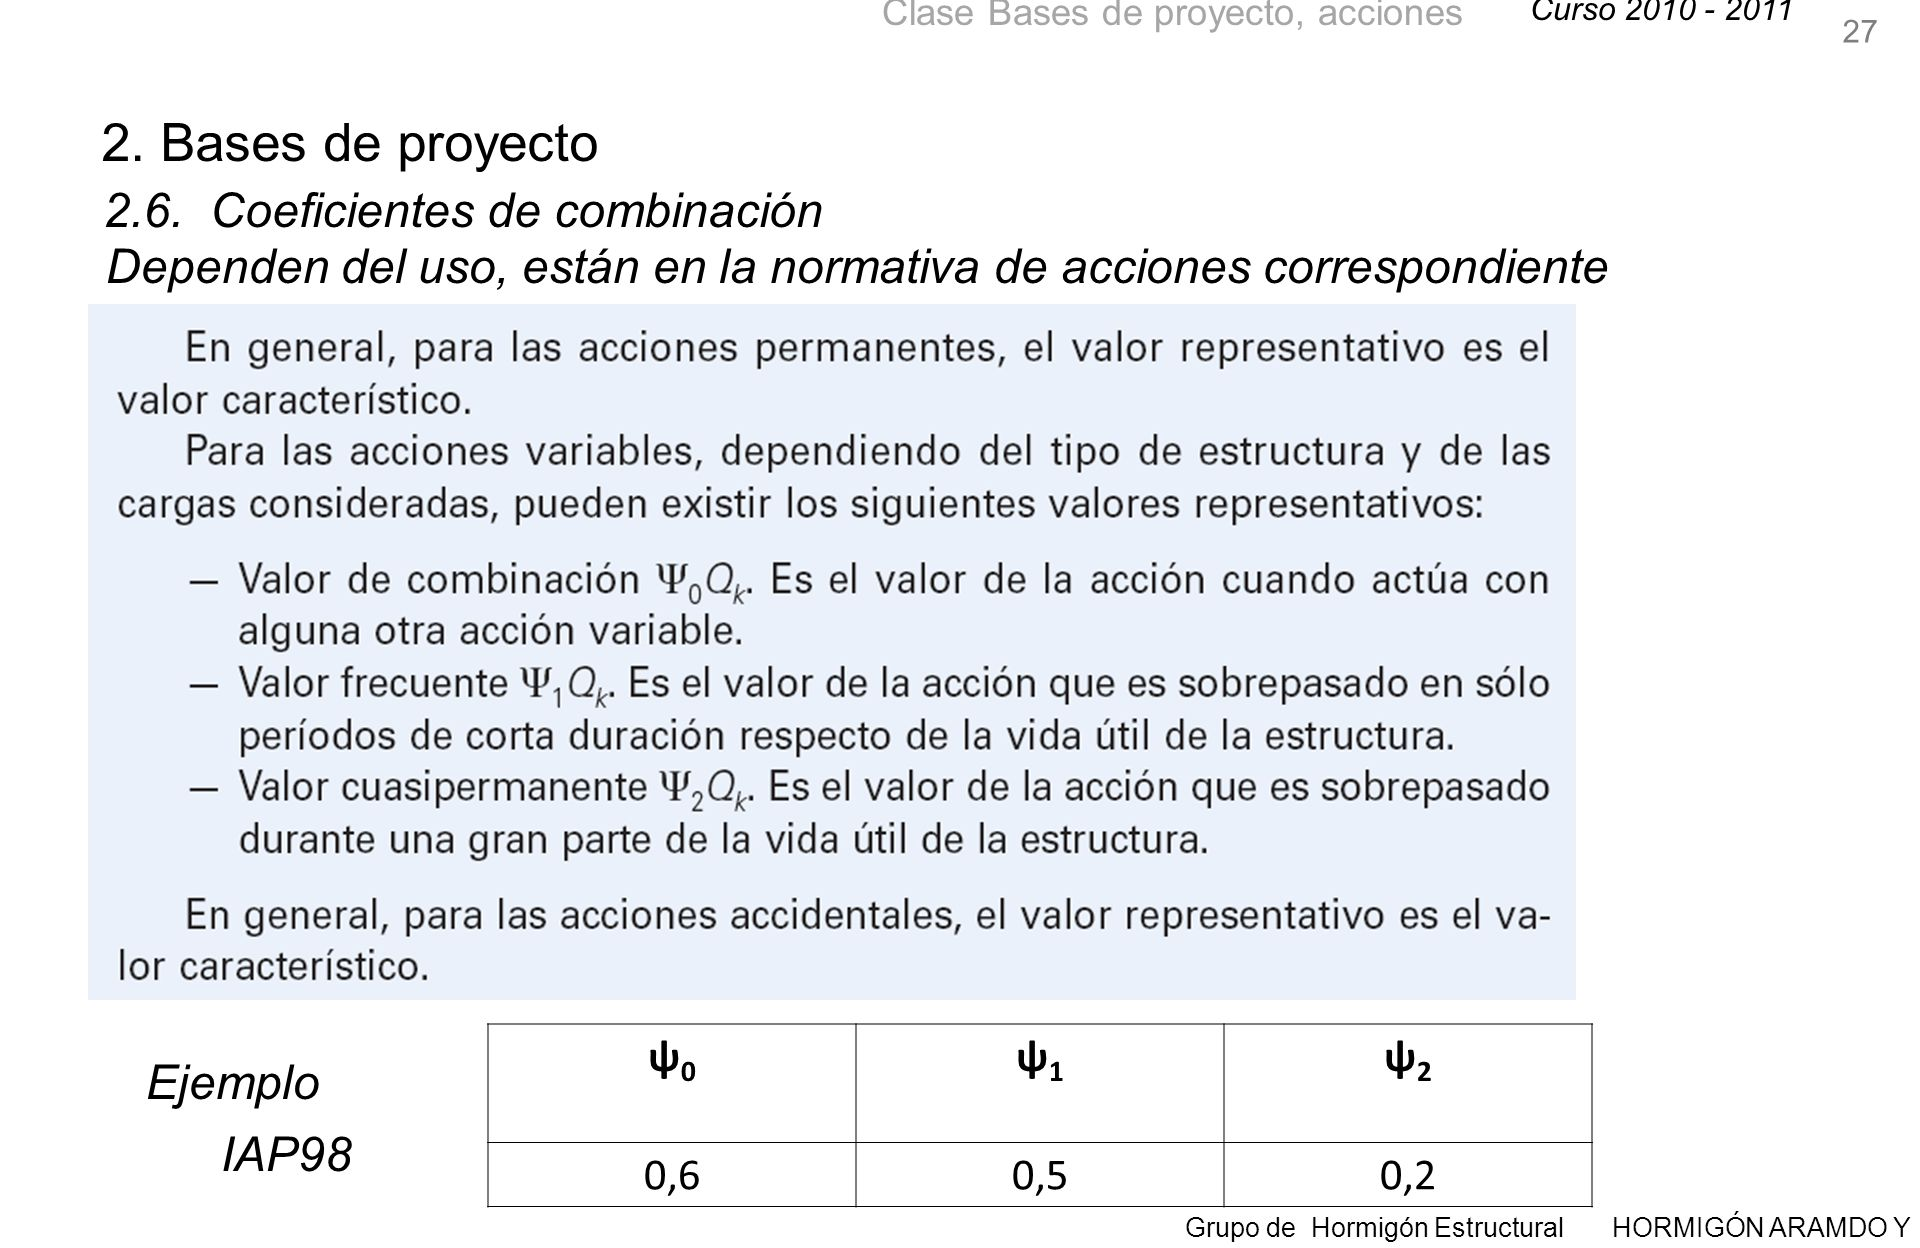 2. Bases de proyecto 2.6. Coeficientes de combinación